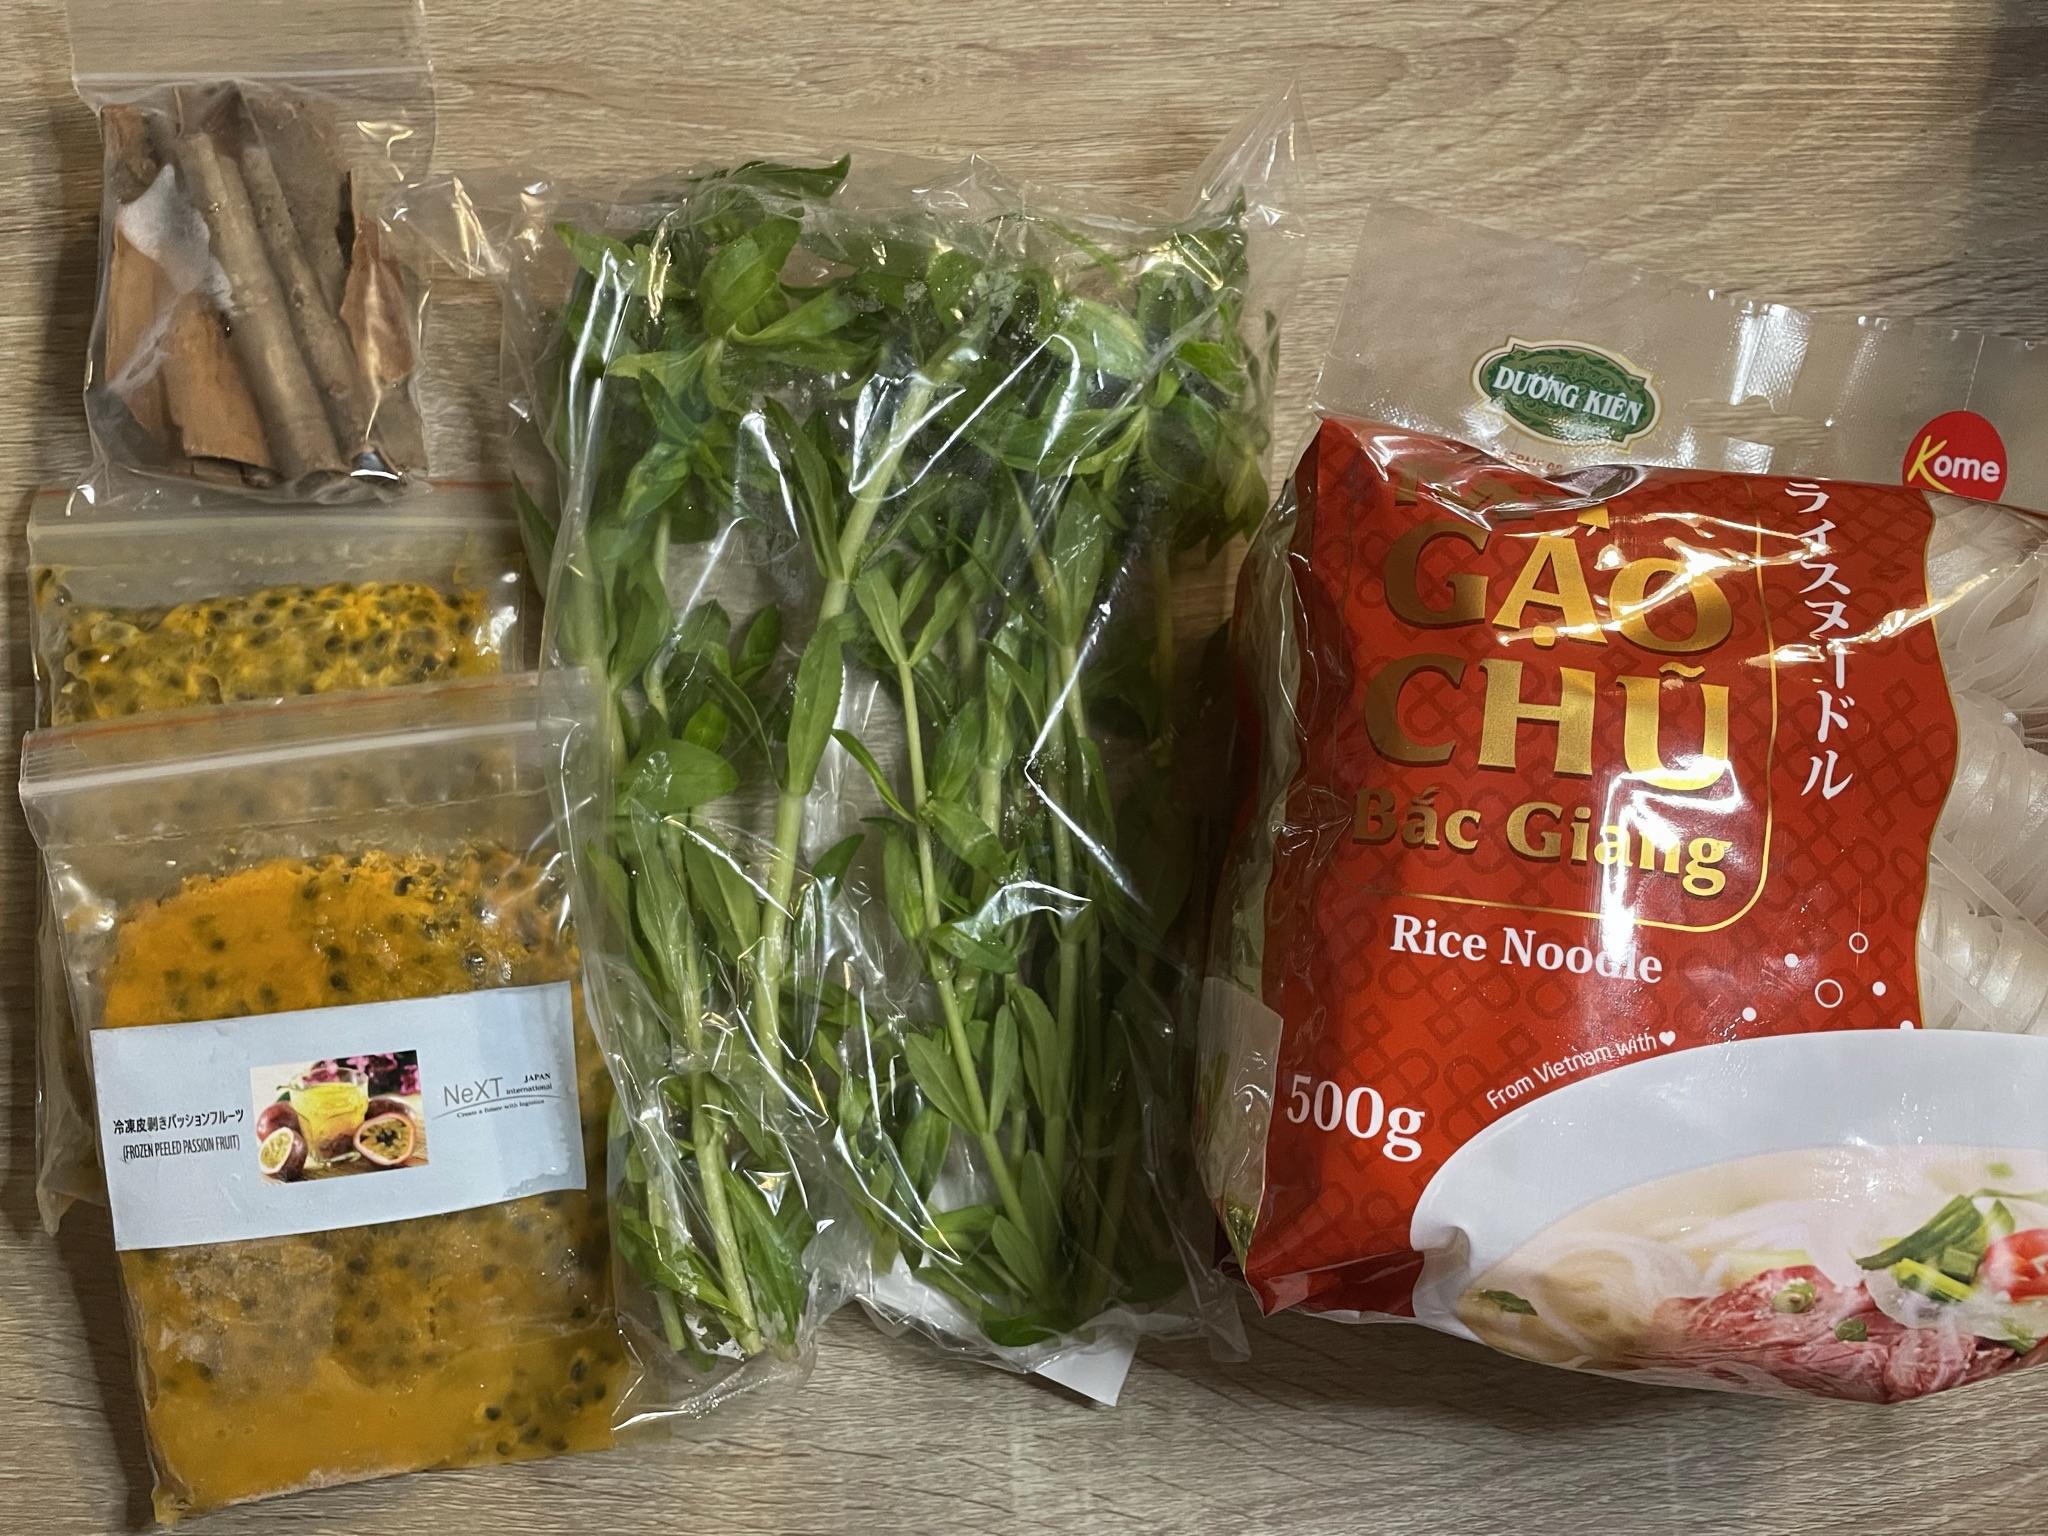 【愛知県大府市】ベトナム食材店「VINA MART」